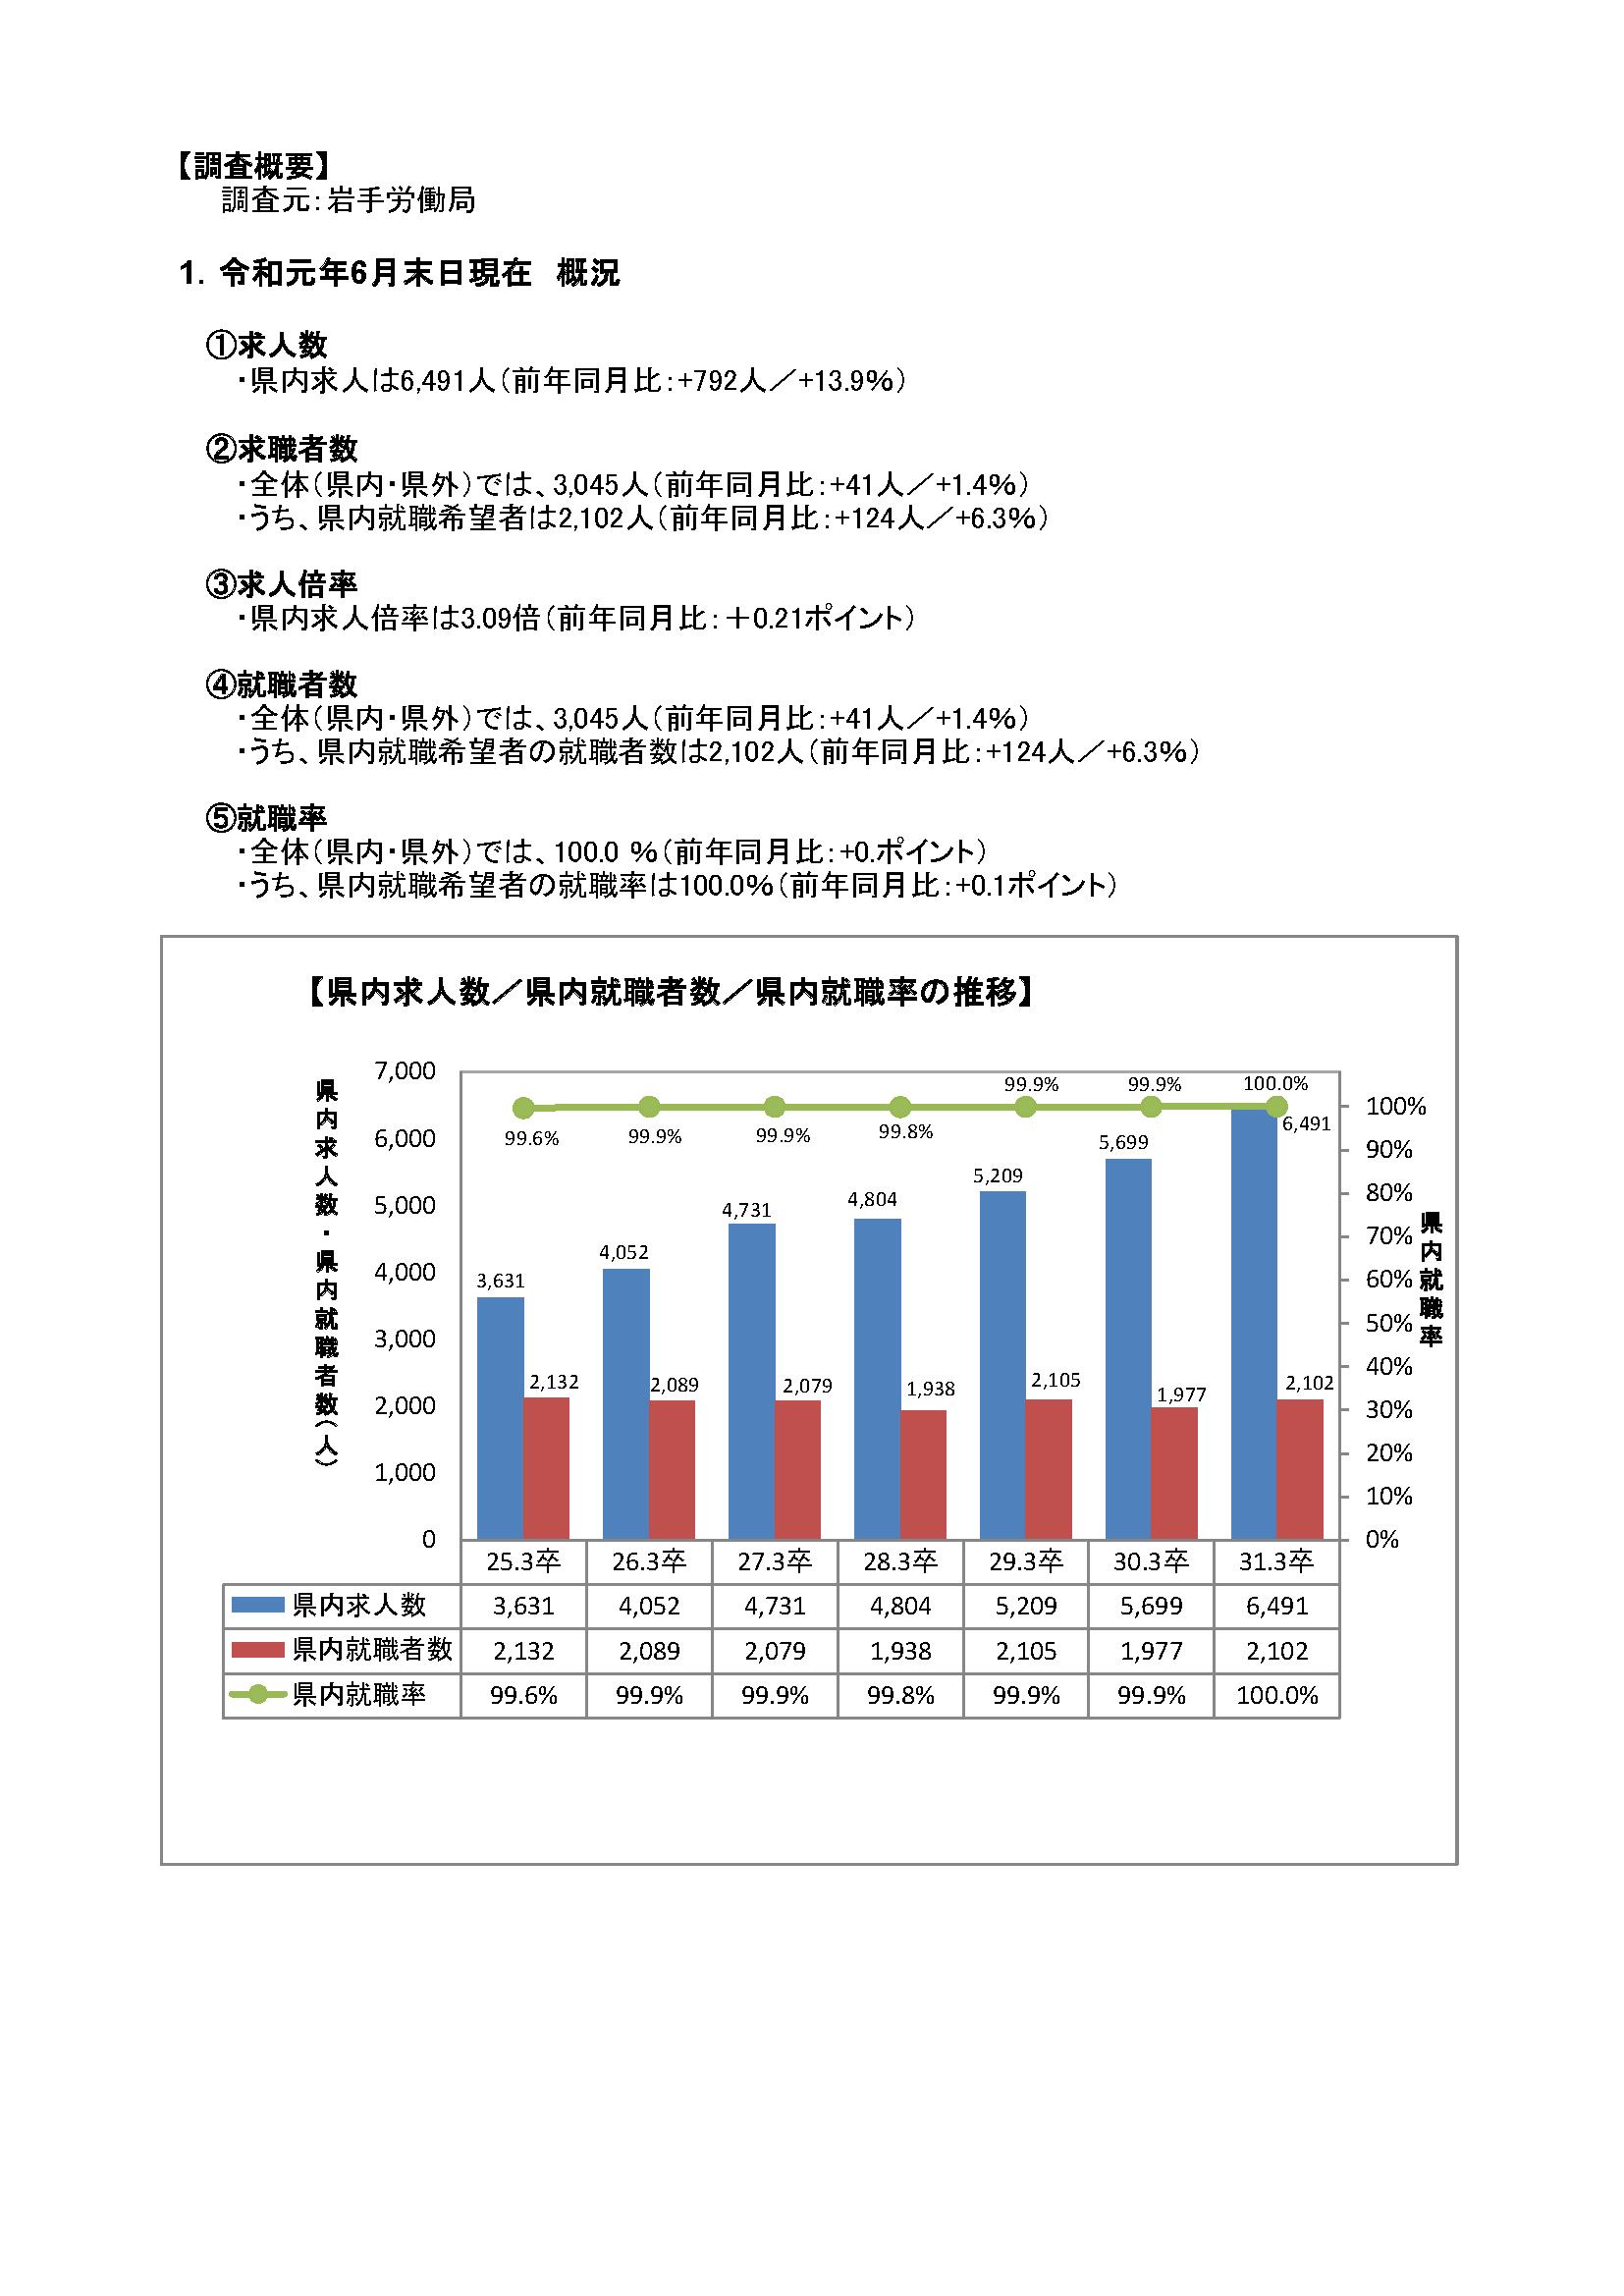 H31.3月高卒者職業紹介状況資料(201906月末現在)